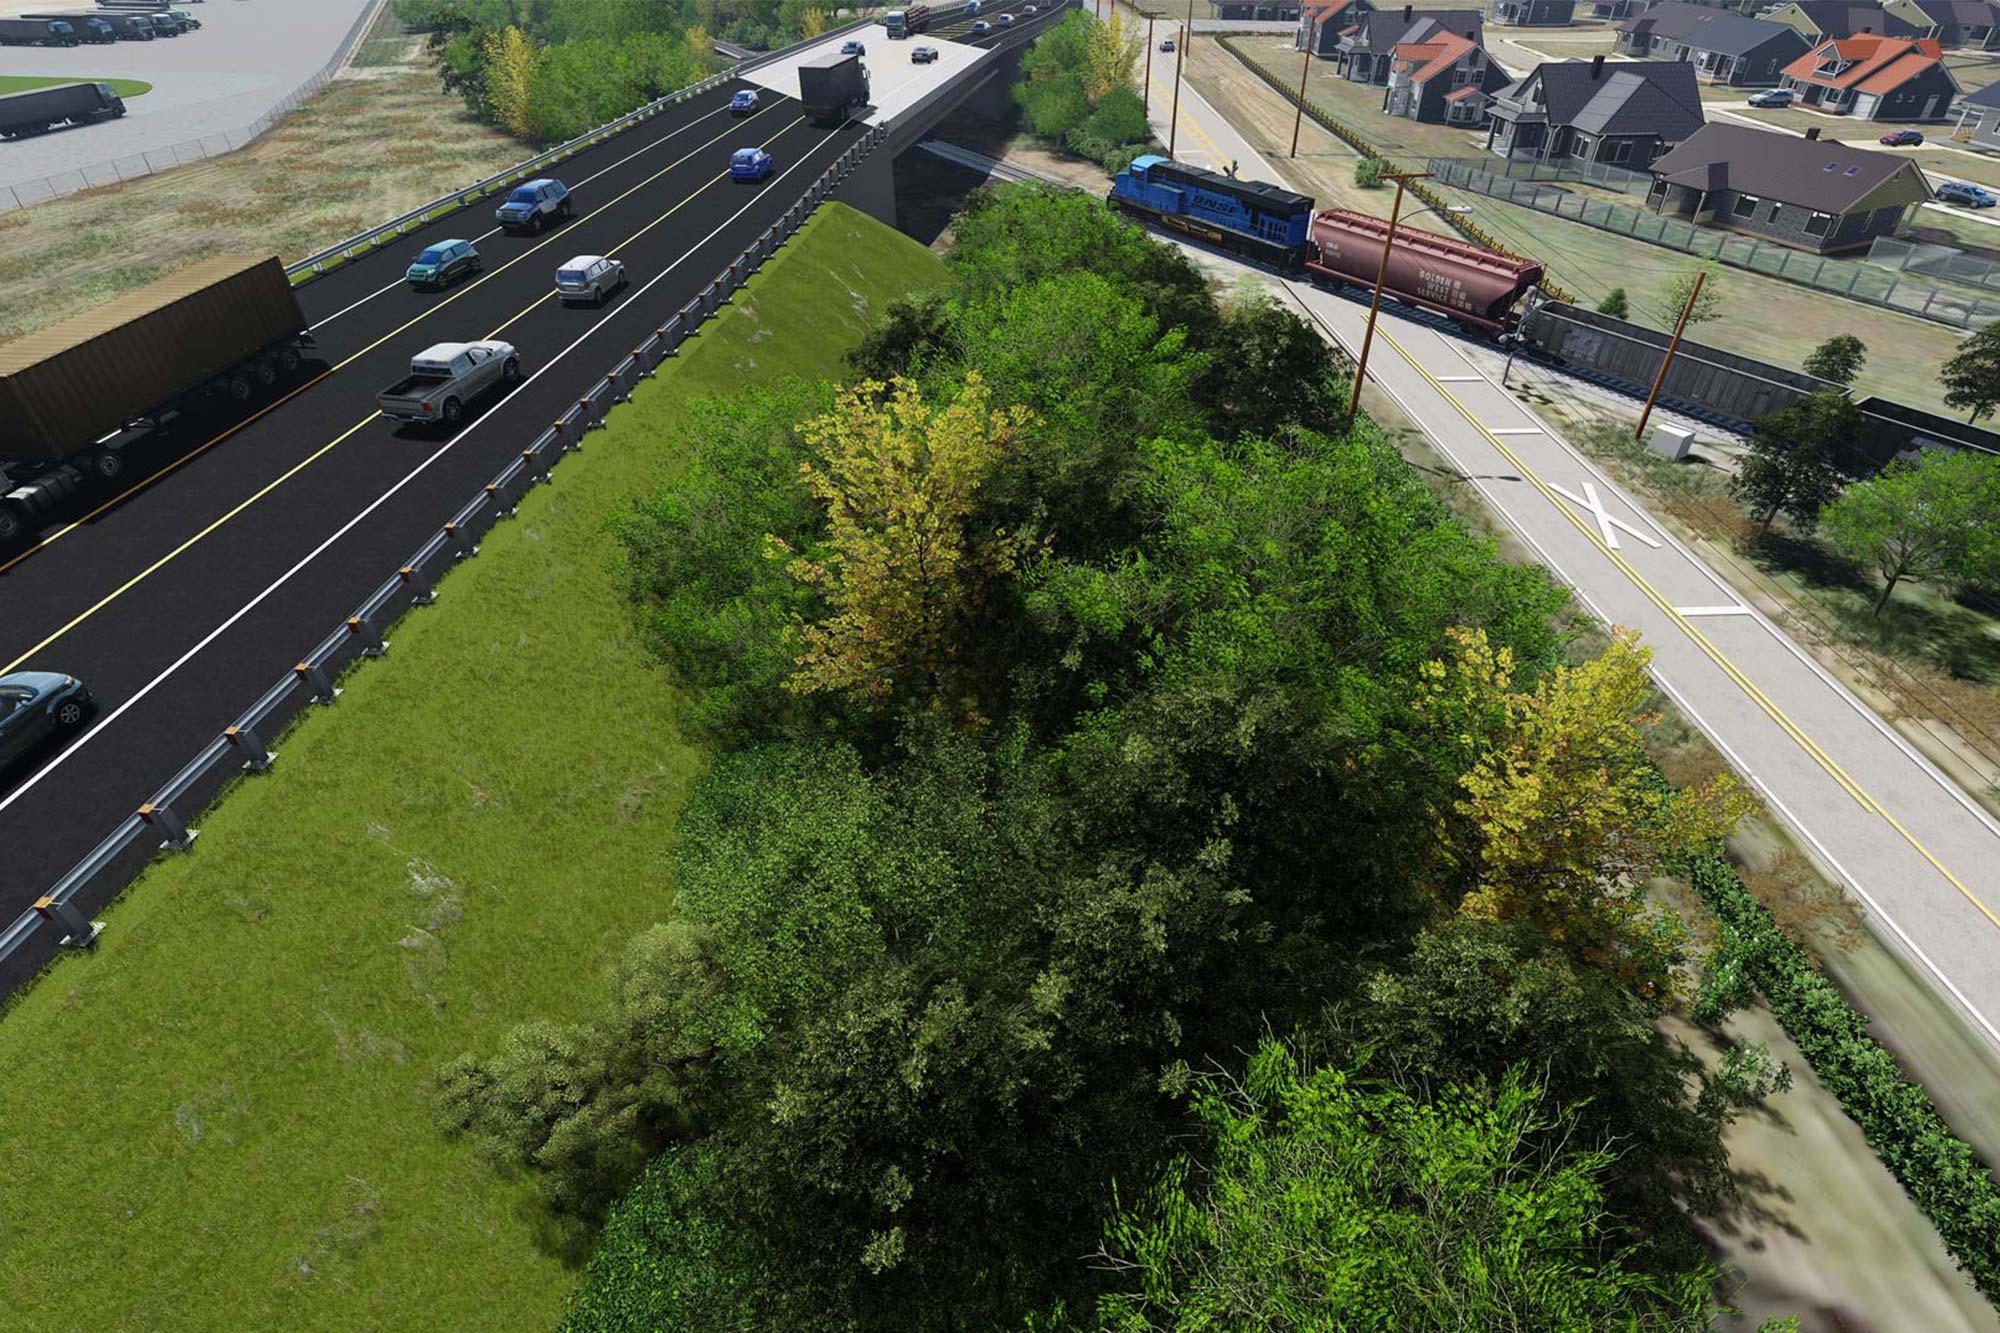 Las Olas Railroad